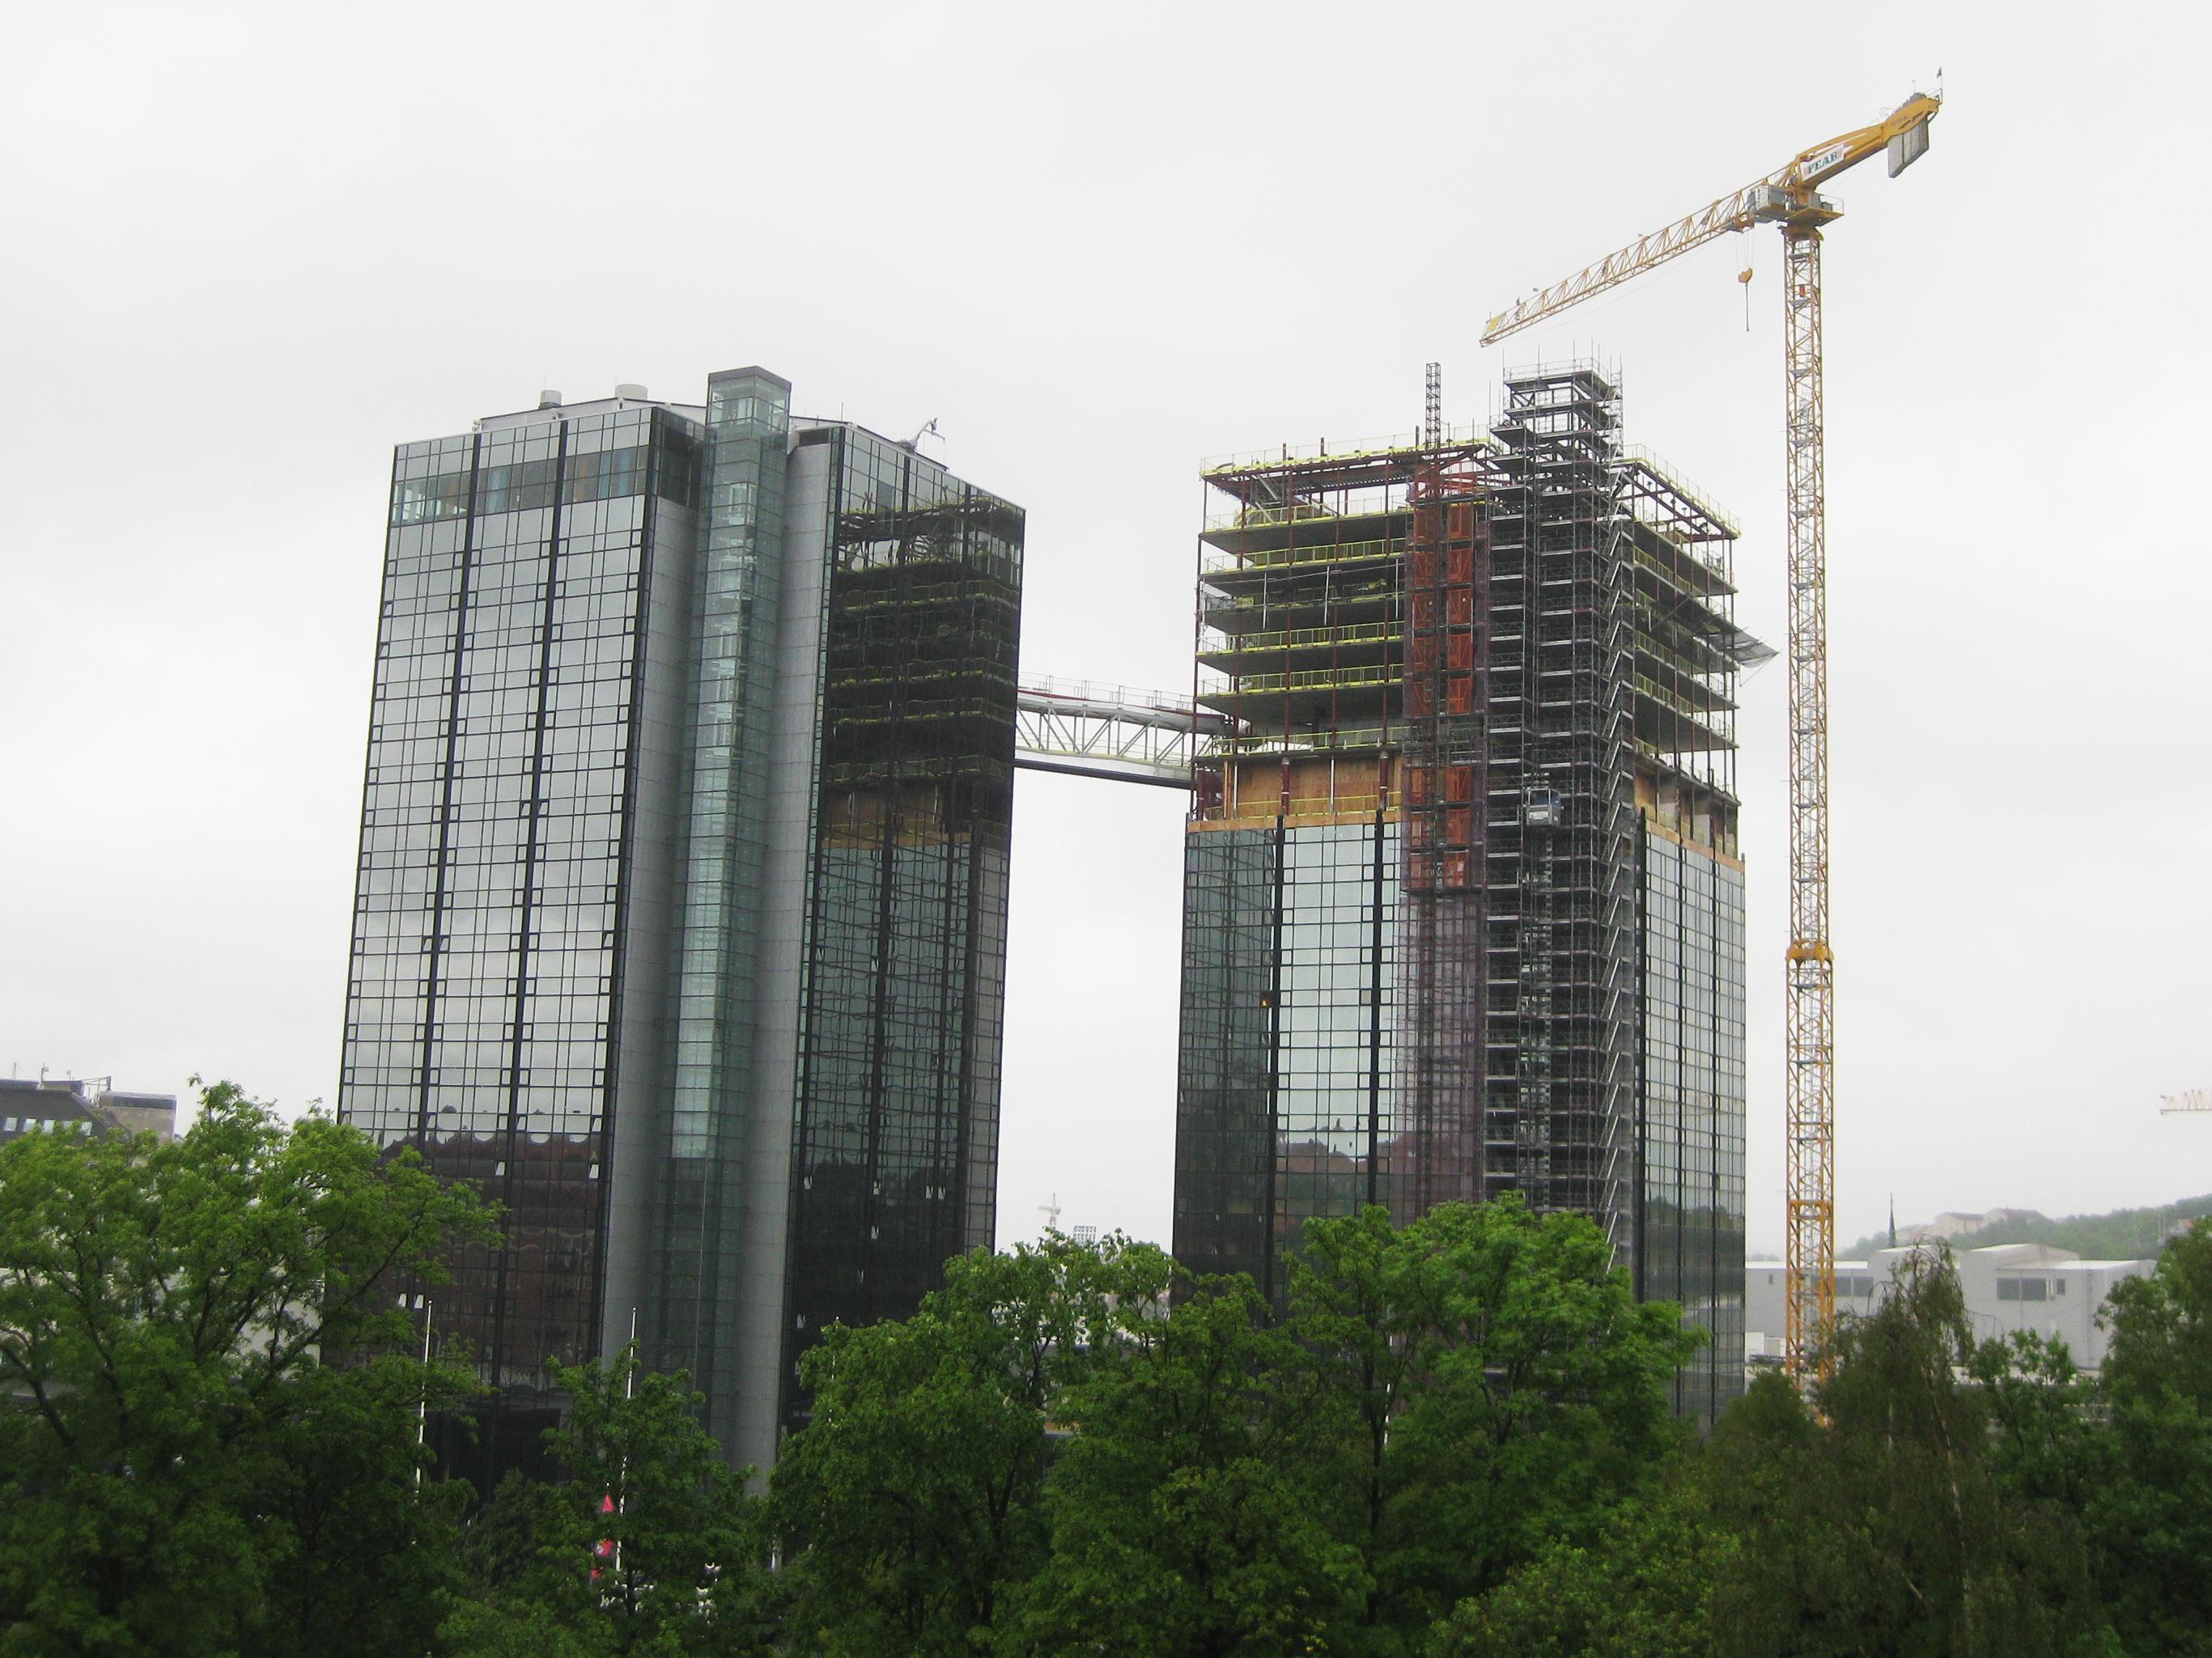 File:Gothia Towers, one bridge A.jpg - Wikimedia Commons